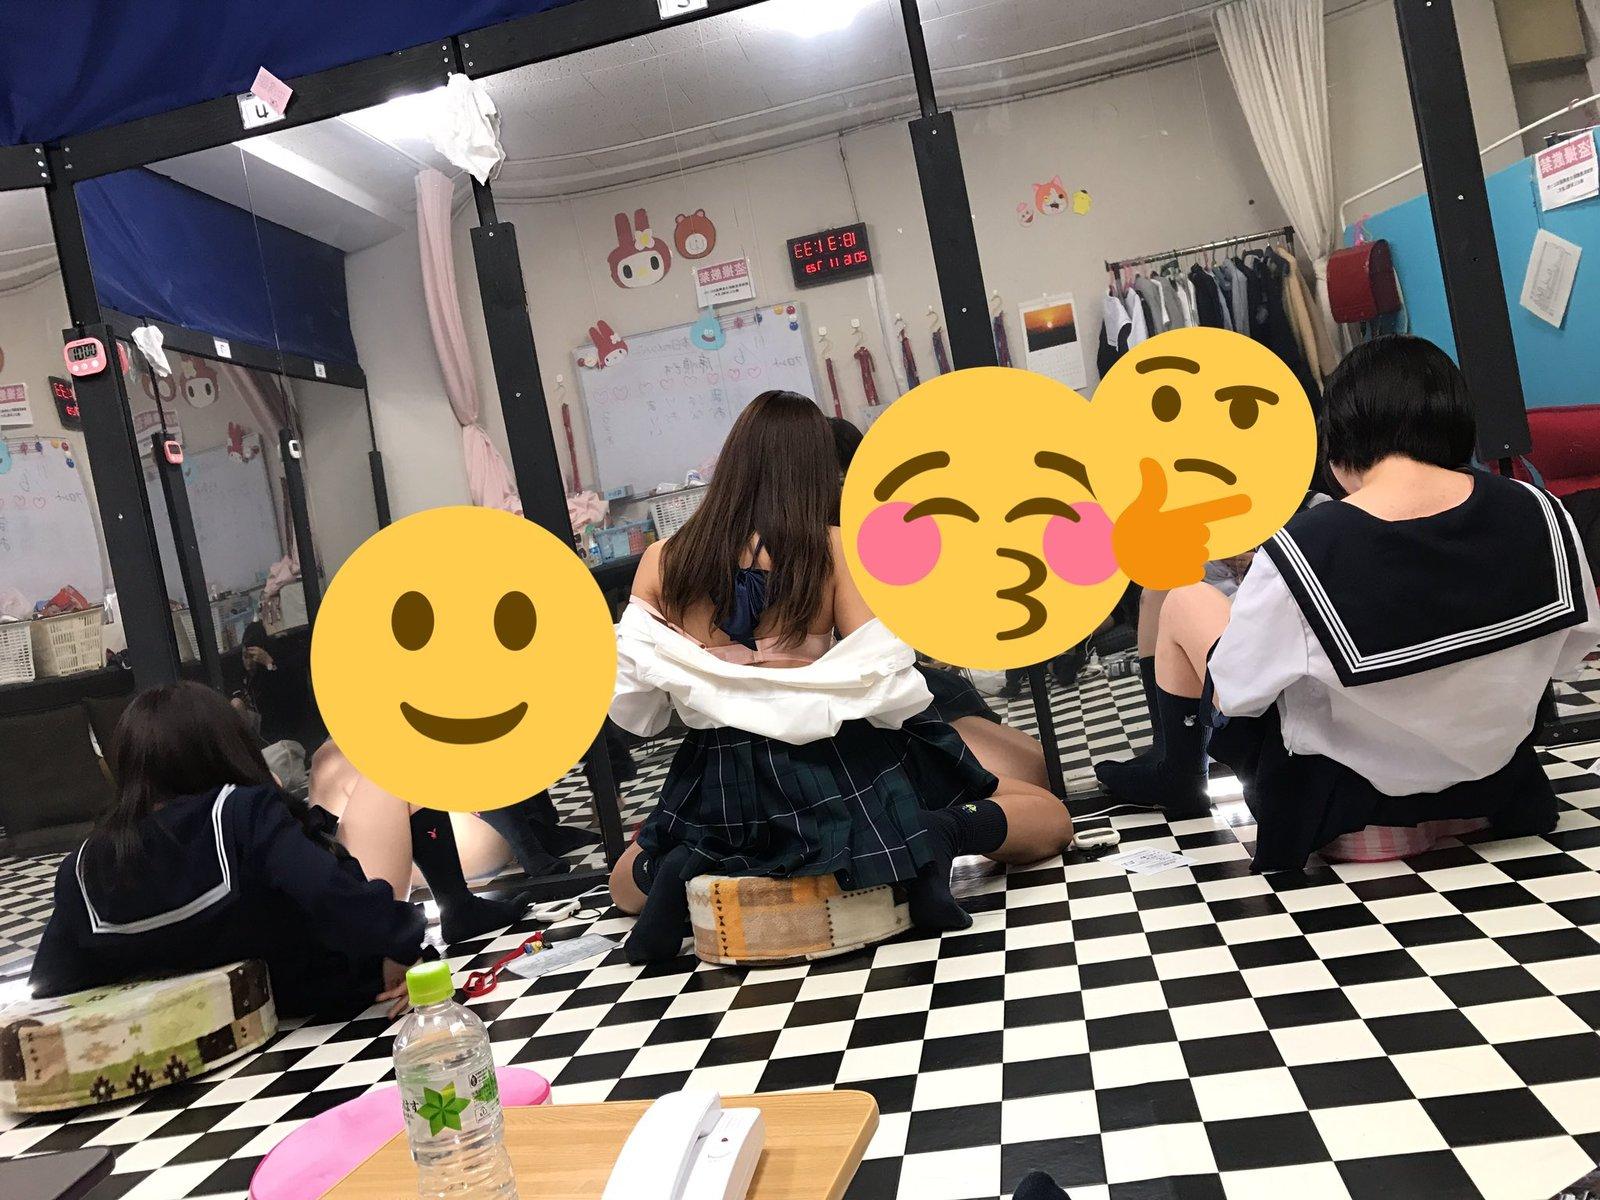 【ガチ注意】これ全員ガチで現役JKという日本の闇wwwwwwwwwwwwwwwwwwwwww・4枚目